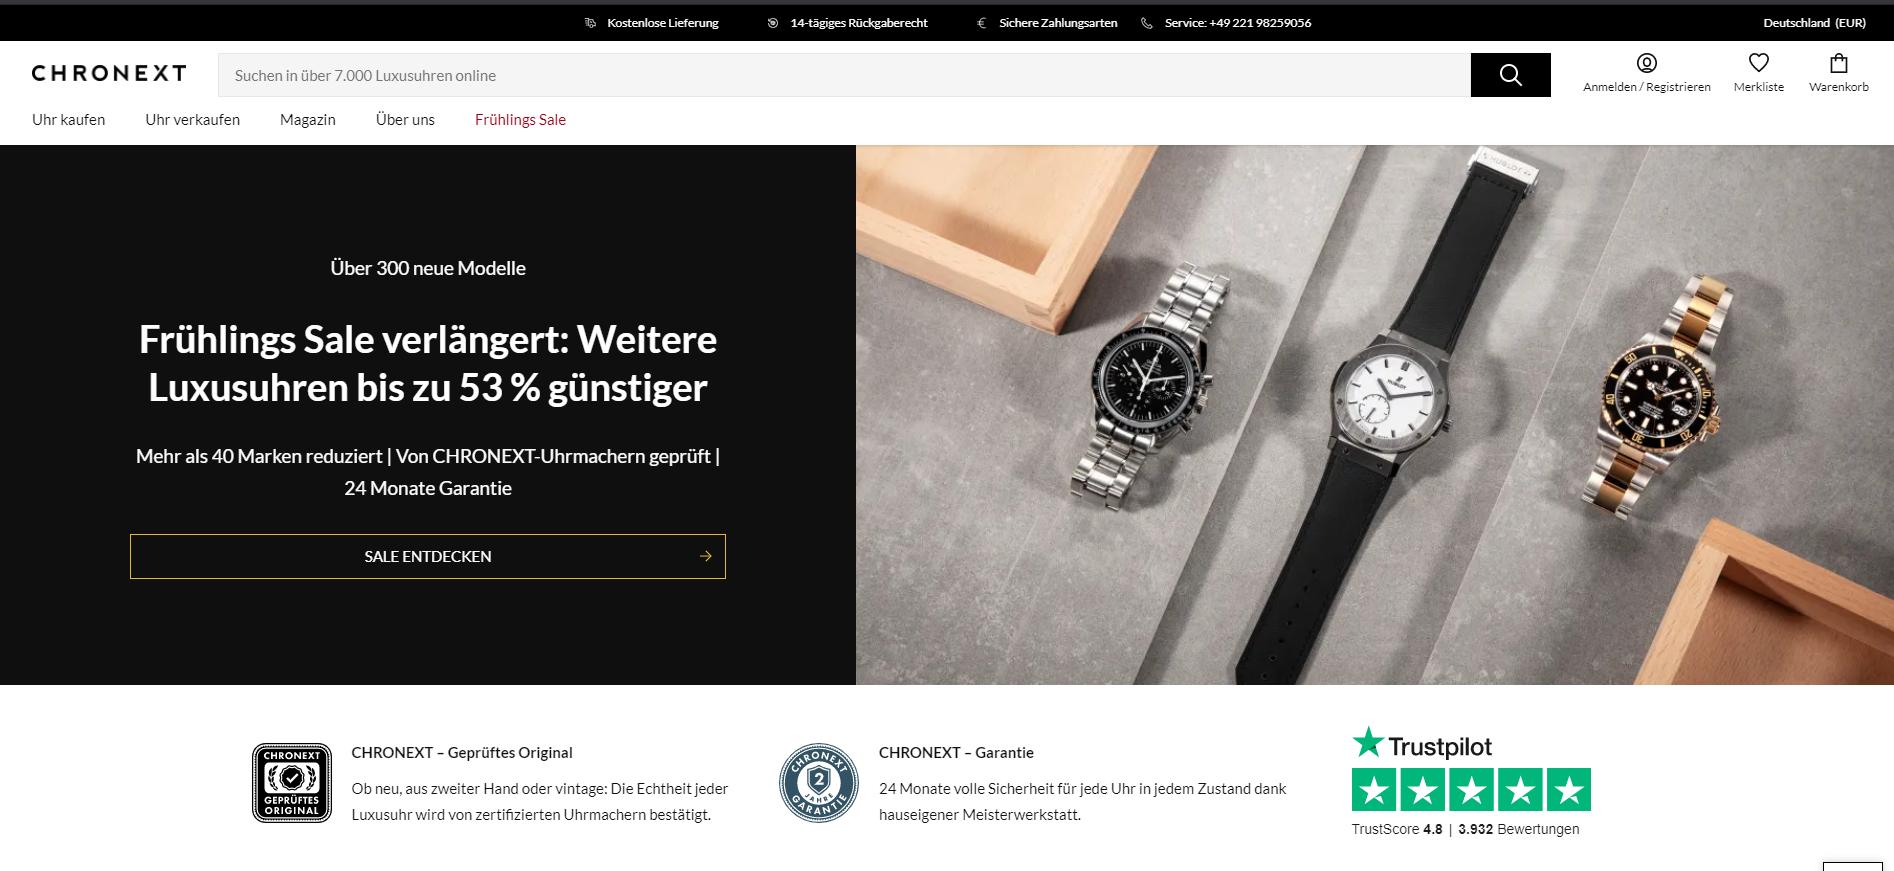 Ein Screenshot des Online-Shops Chronext. Ein Web-Shop für Luxusuhren. Ein hybrider digitaler Marktplatz. Händler und Marken können über die Website verkaufen. Auch Second-Hand Uhren werden angeboten.